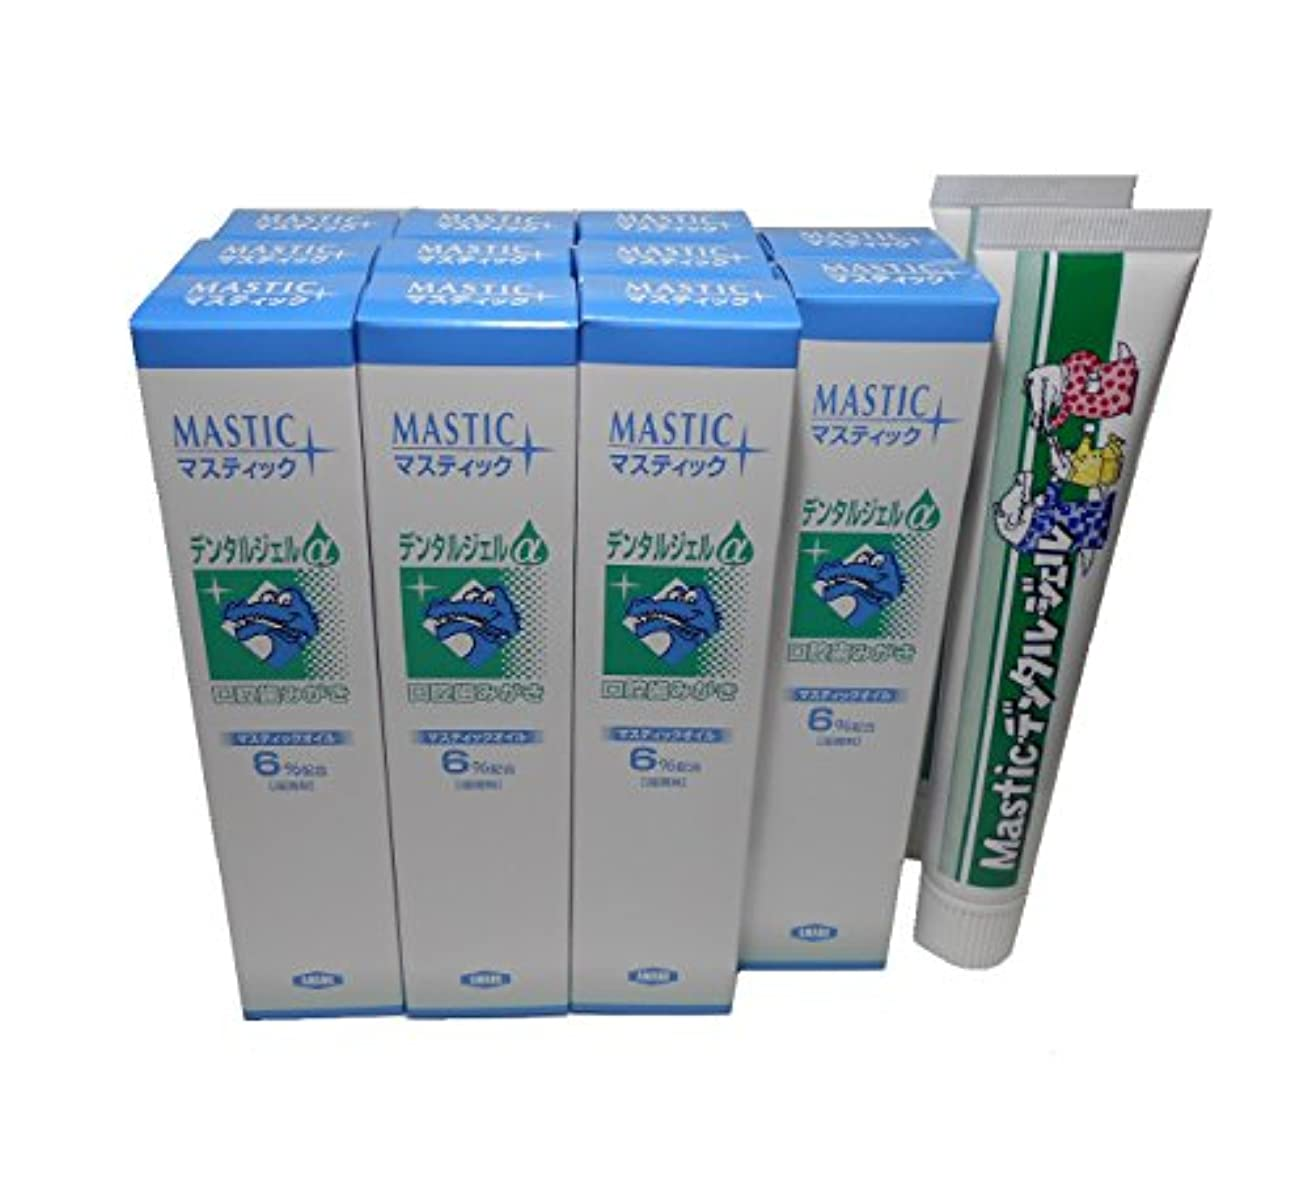 谷長方形エスカレートMASTIC マスティックデンタルジェルα45g(6%配合)11個+MASTIC デンタルエッセンスジェルMSローヤルⅡ増量50g(10%配合)2個セット